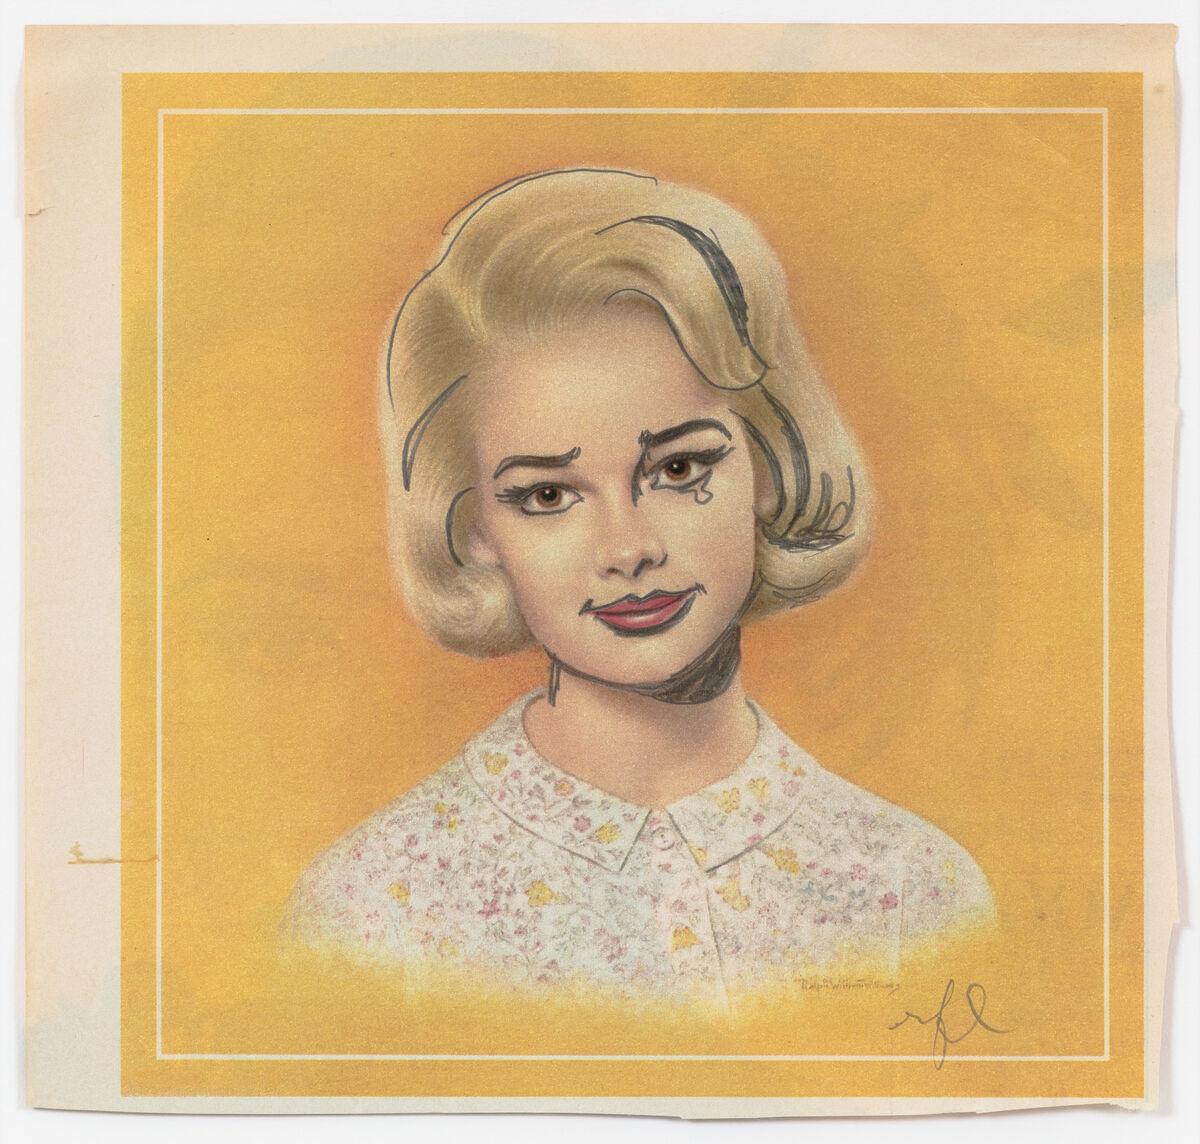 Roy Lichtenstein, Breck Girl, c. 1964. © 2019 Estate of Roy Lichtenstein. Courtesy of the Museum of Modern Art.